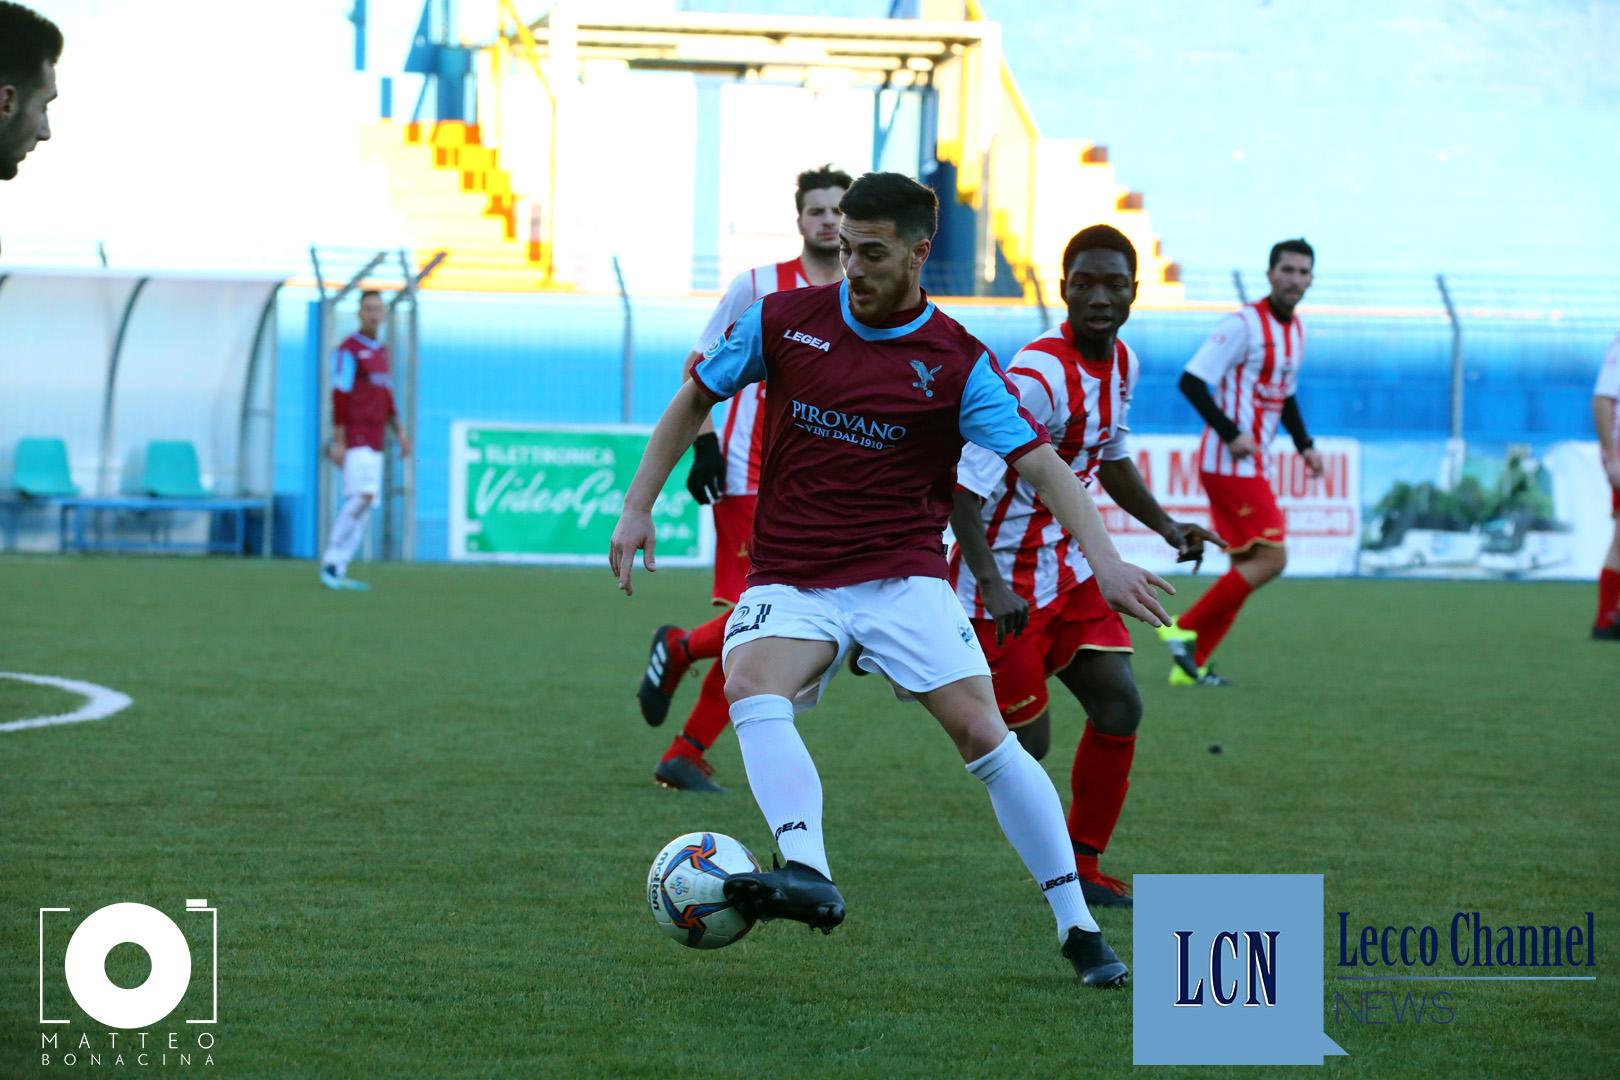 Calcio Lecco Foppenico Amichevole 10 Gennaio 2019 (3)